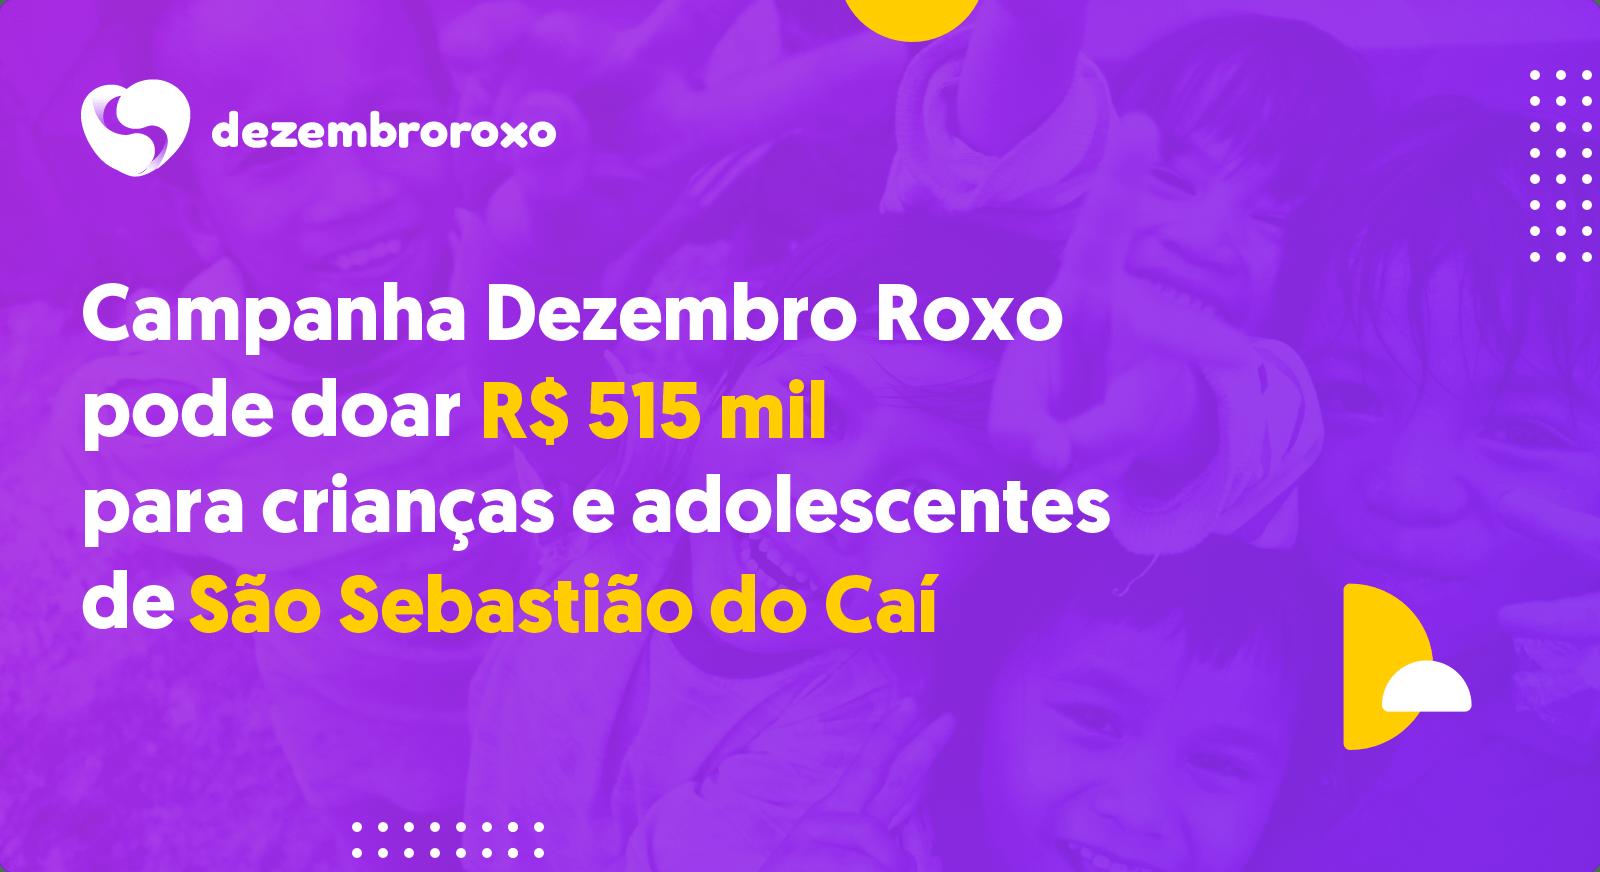 Doações em São Sebastião do Caí - RS